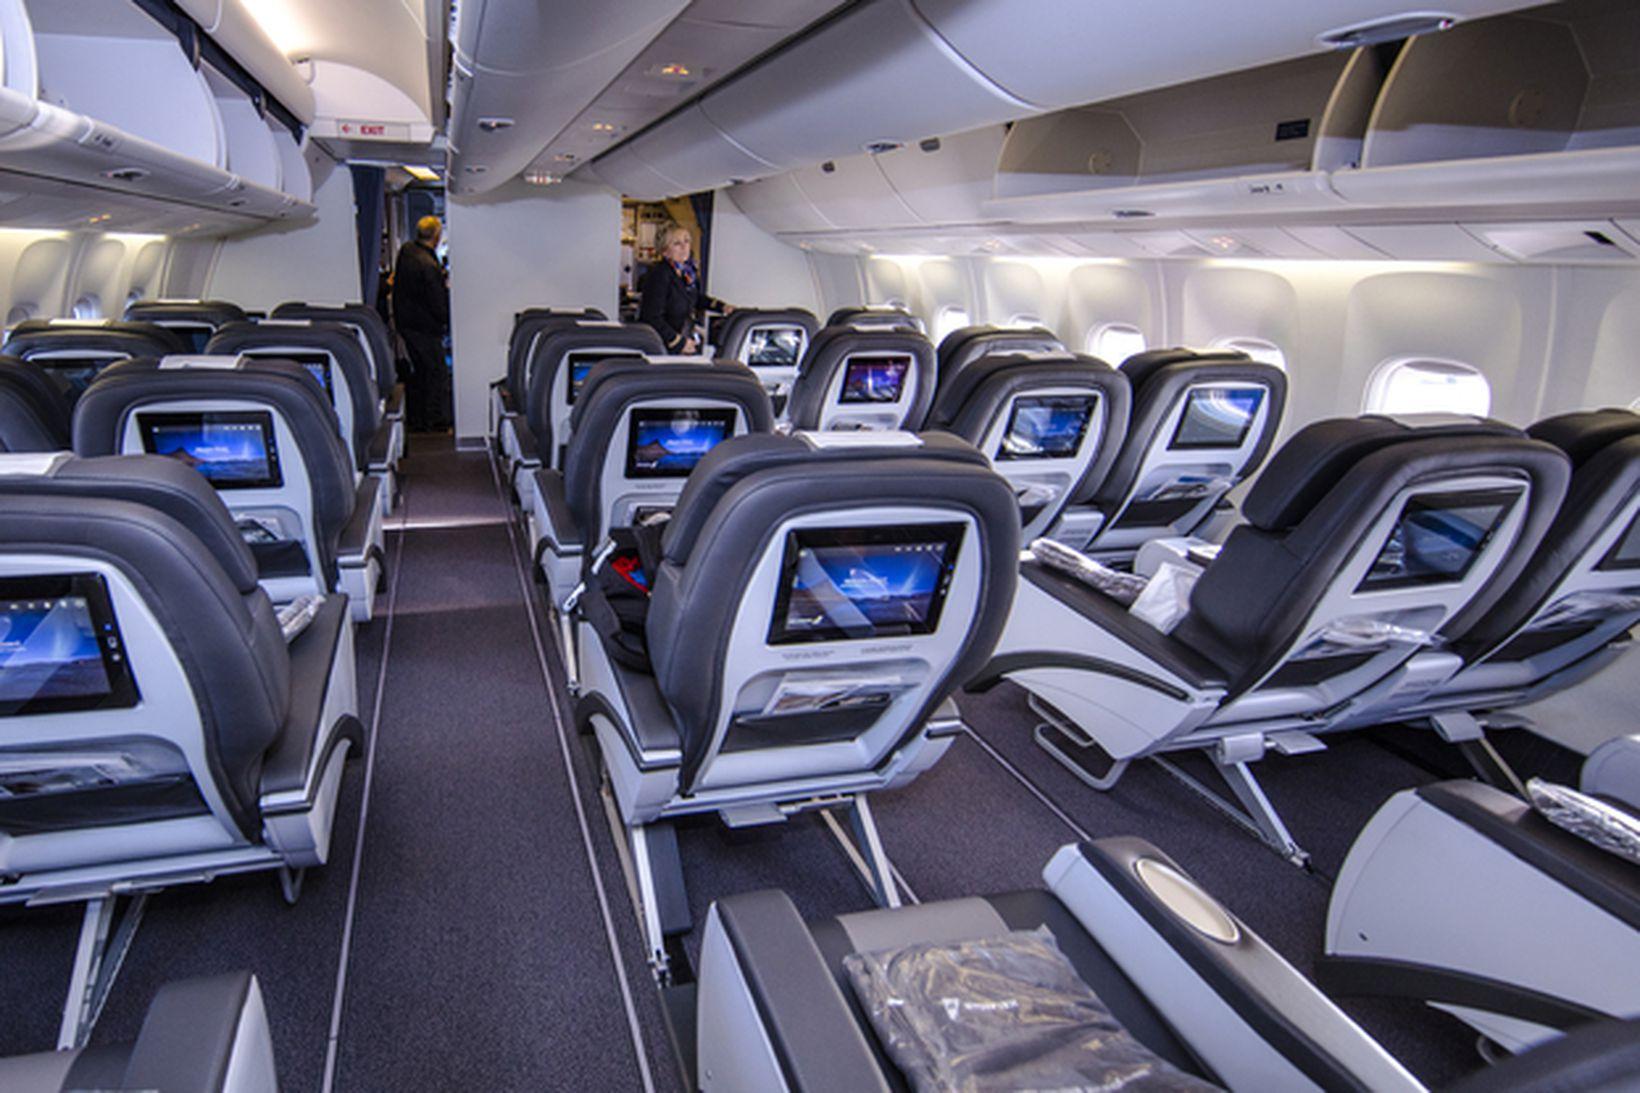 Mikil veikindi hafa komið upp hjá starfsfólki Icelandair.